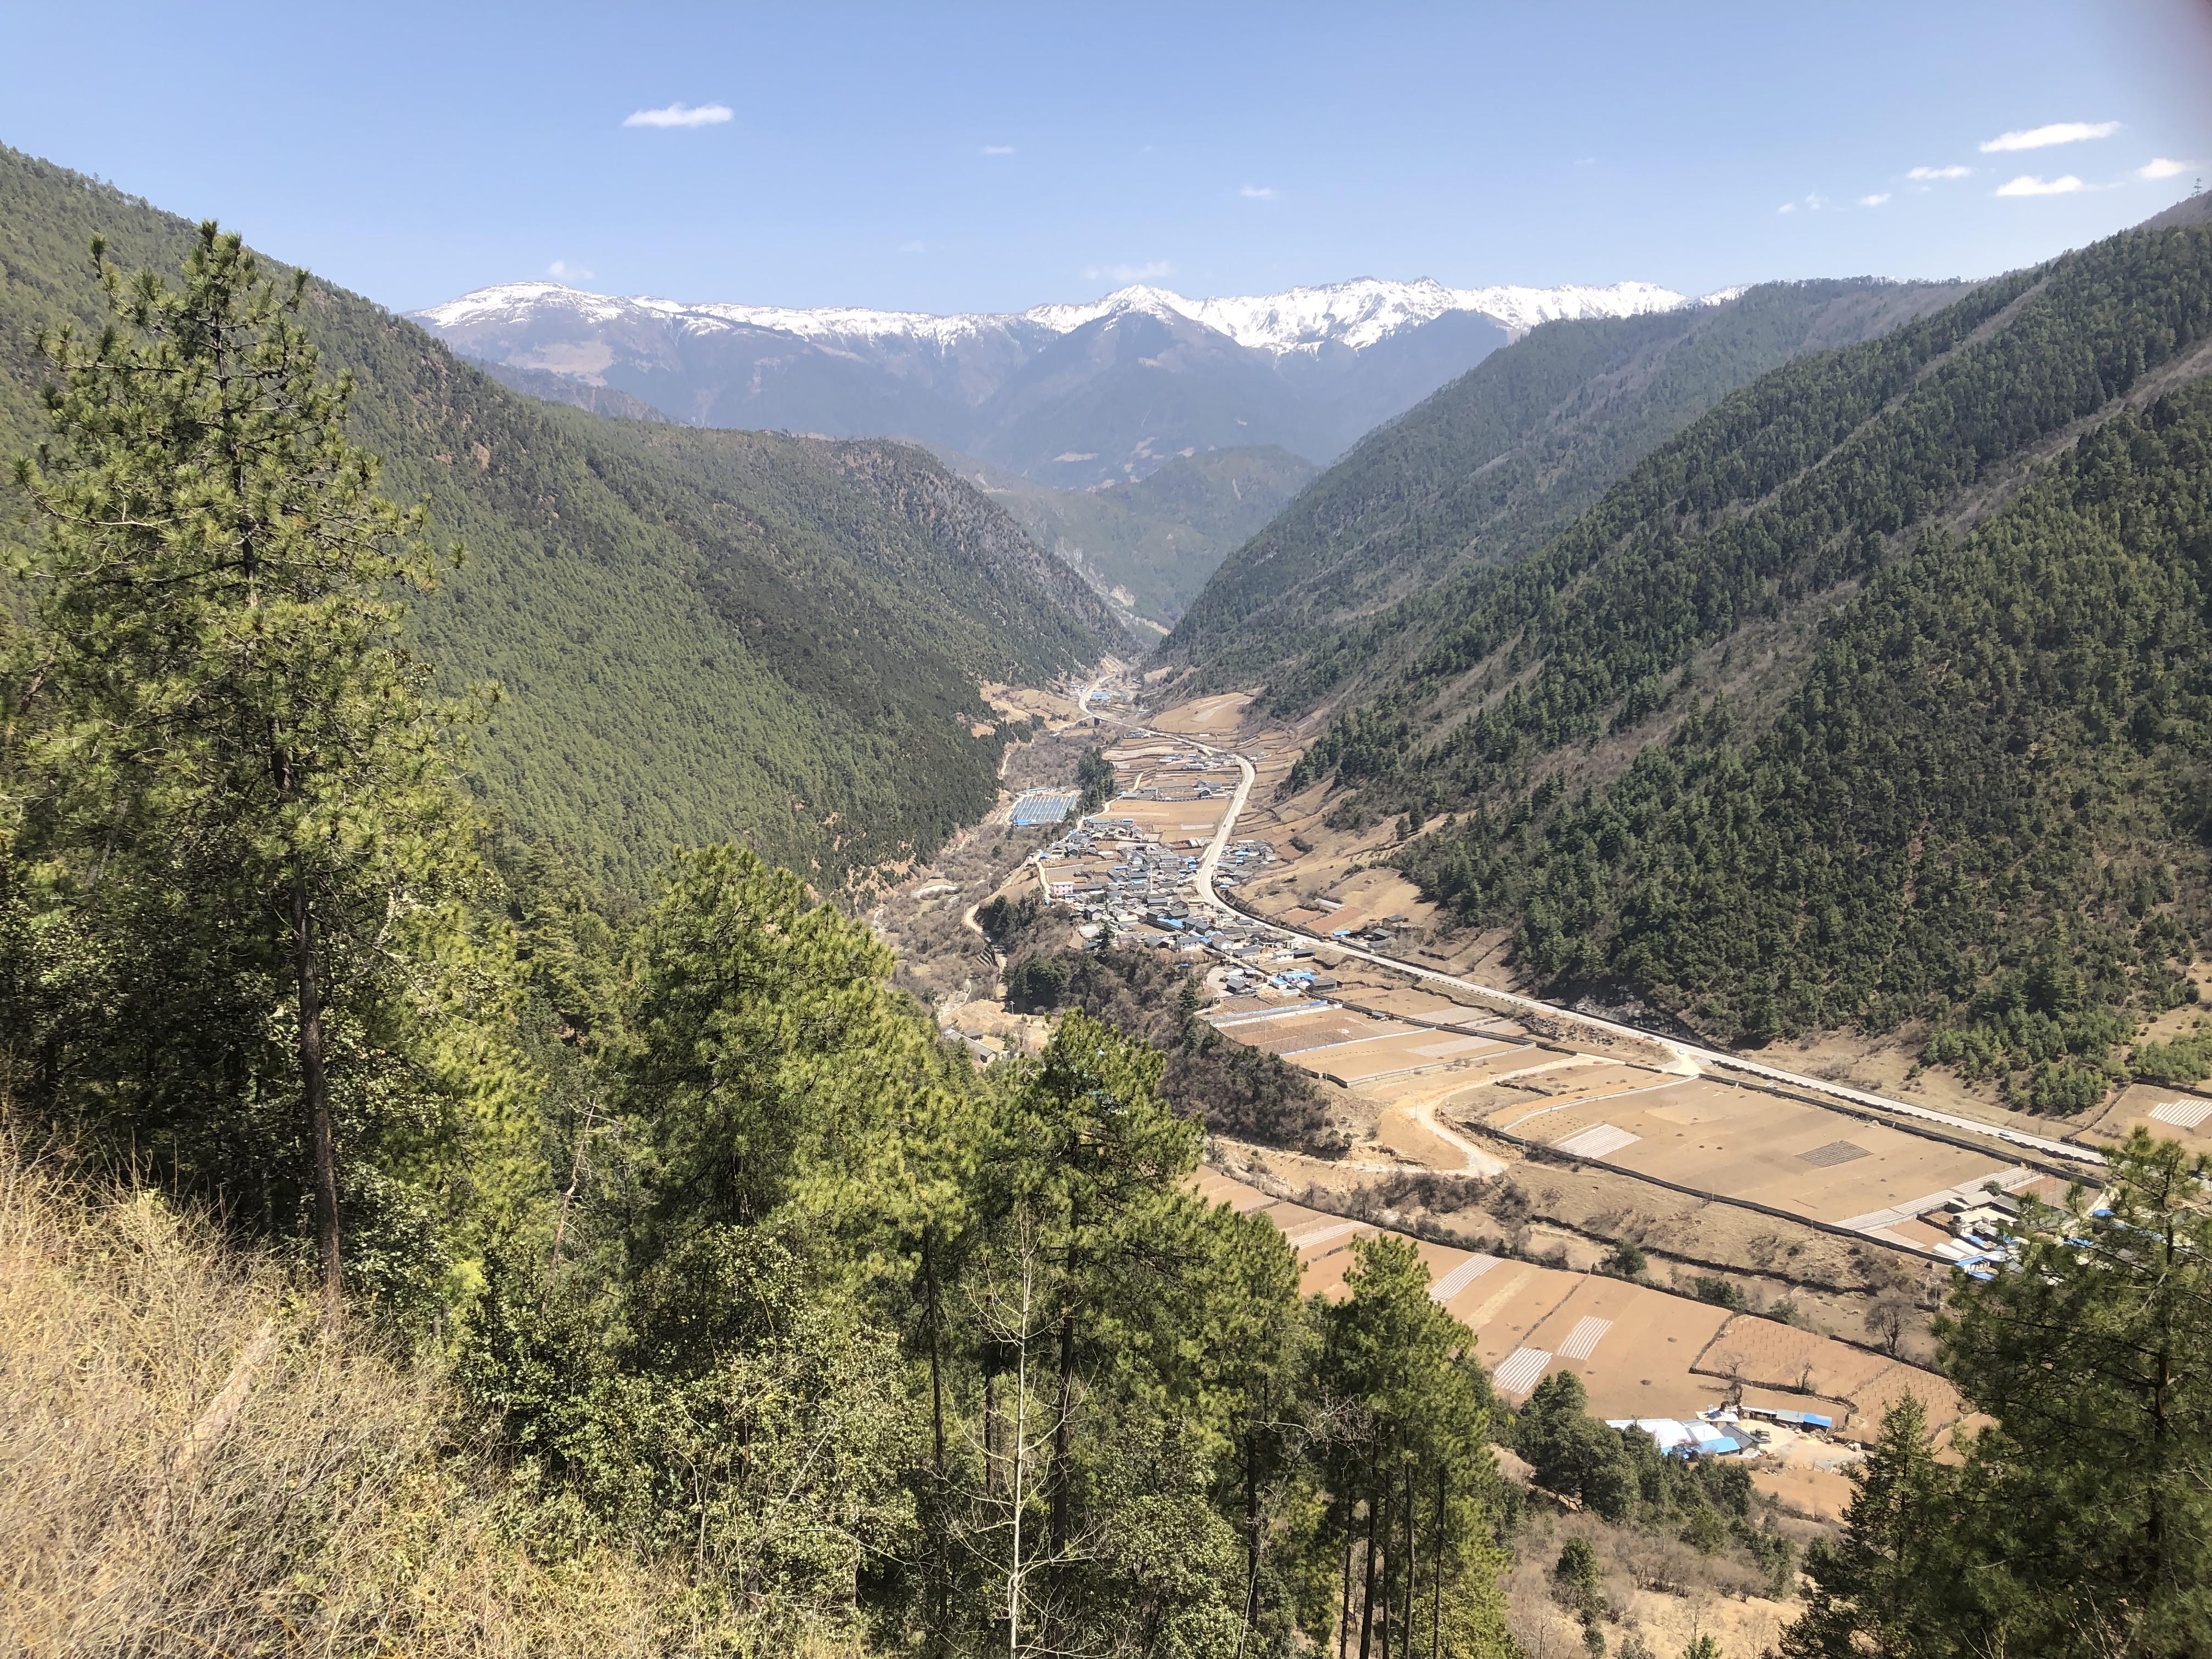 Shangri-la en de hoogvlakte